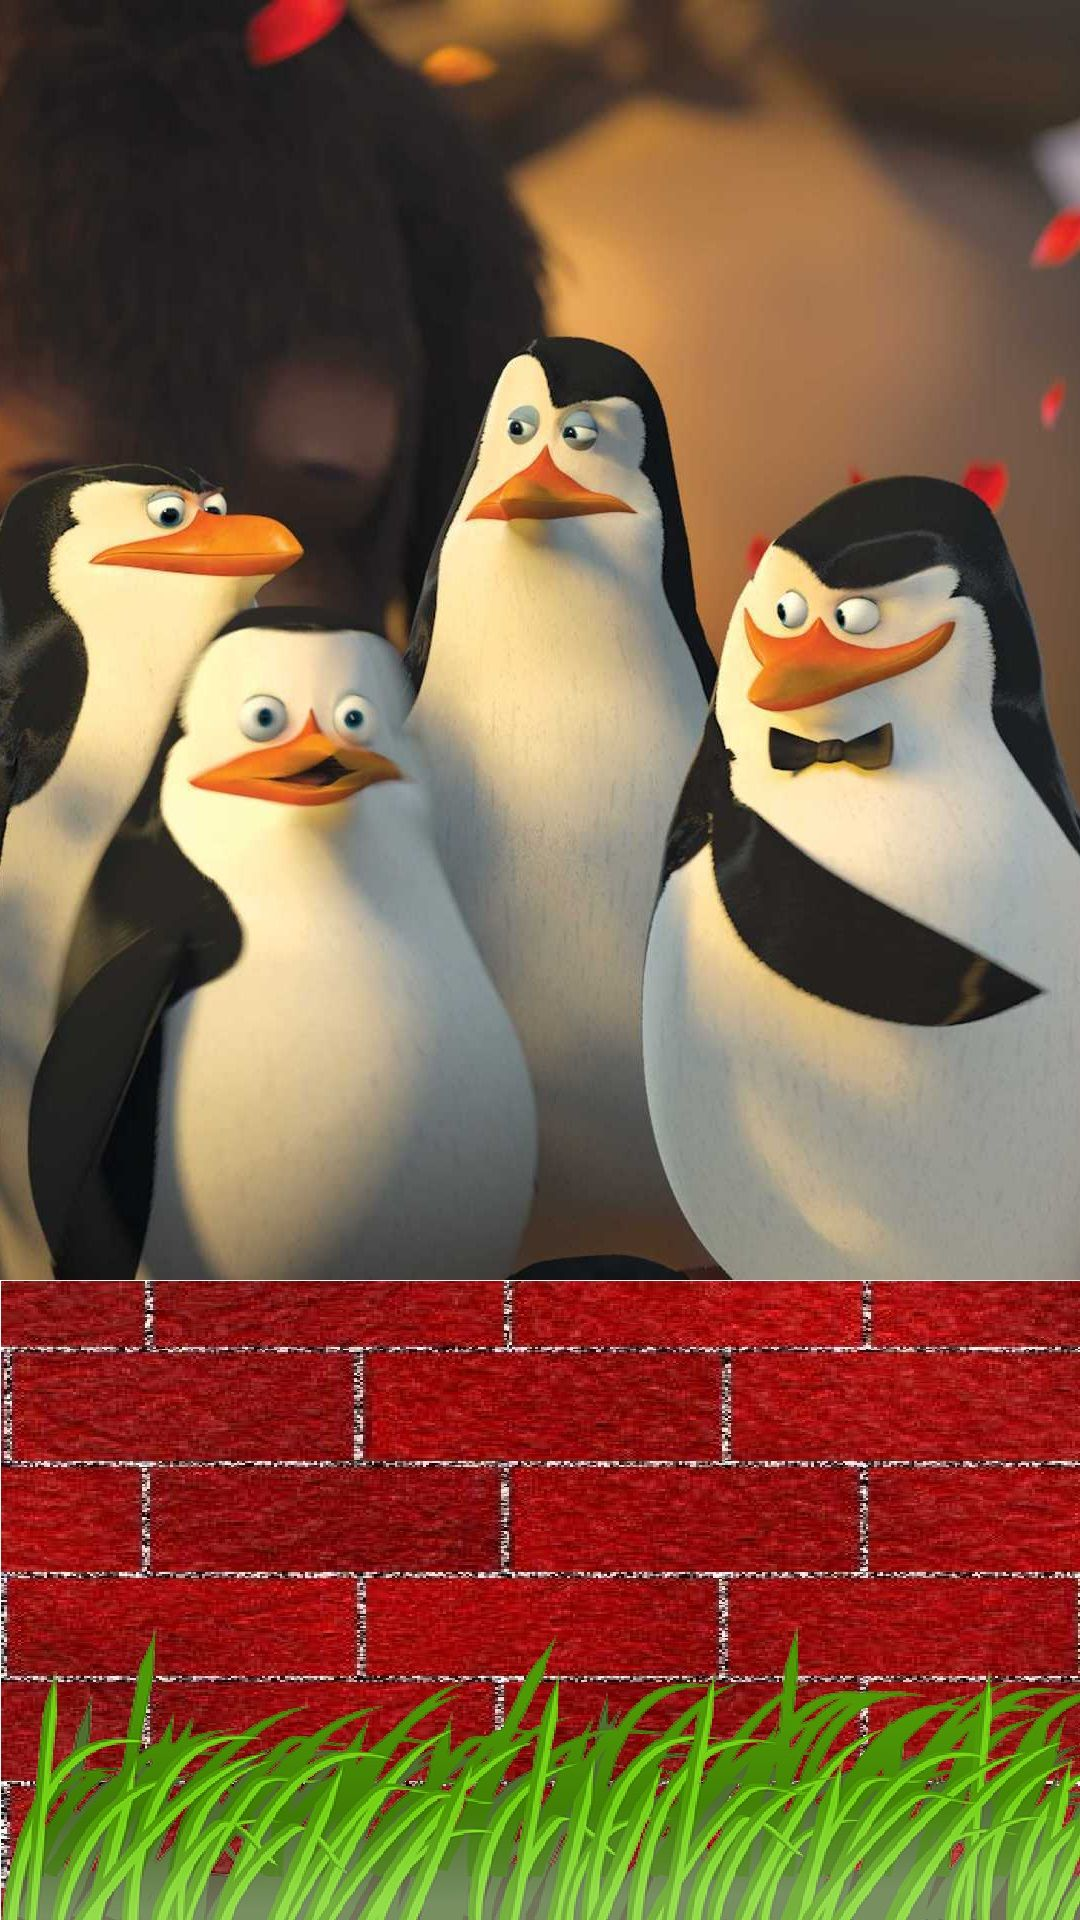 pindenish jodan on i ❤ animation | pinterest | penguins of